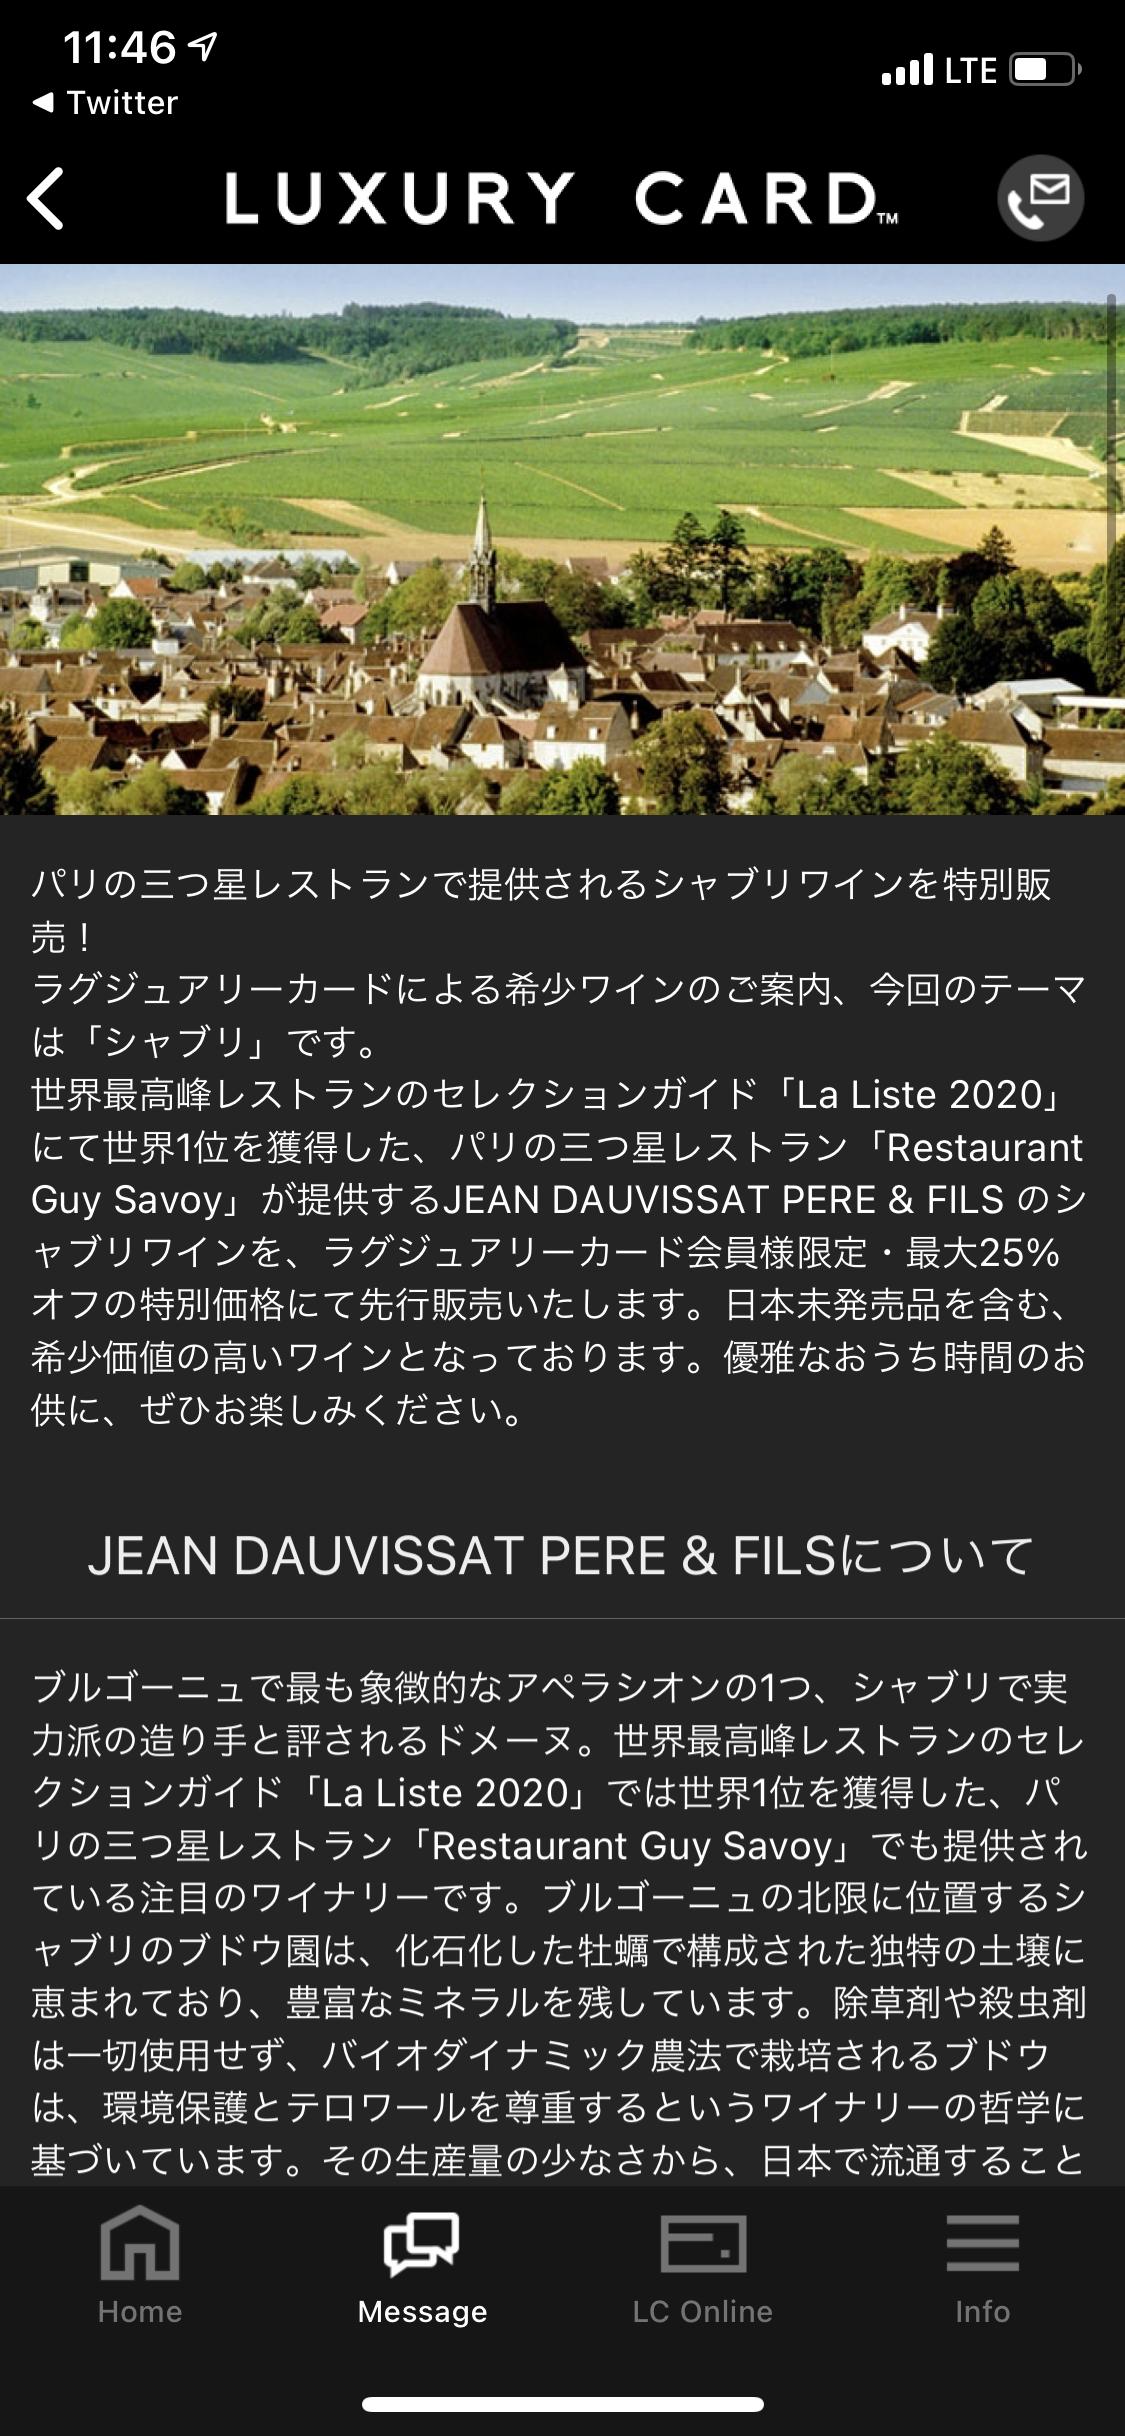 ラグジュアリーカードのパリの三ツ星レストラン提供の希少シャブリワイン優待 (3)